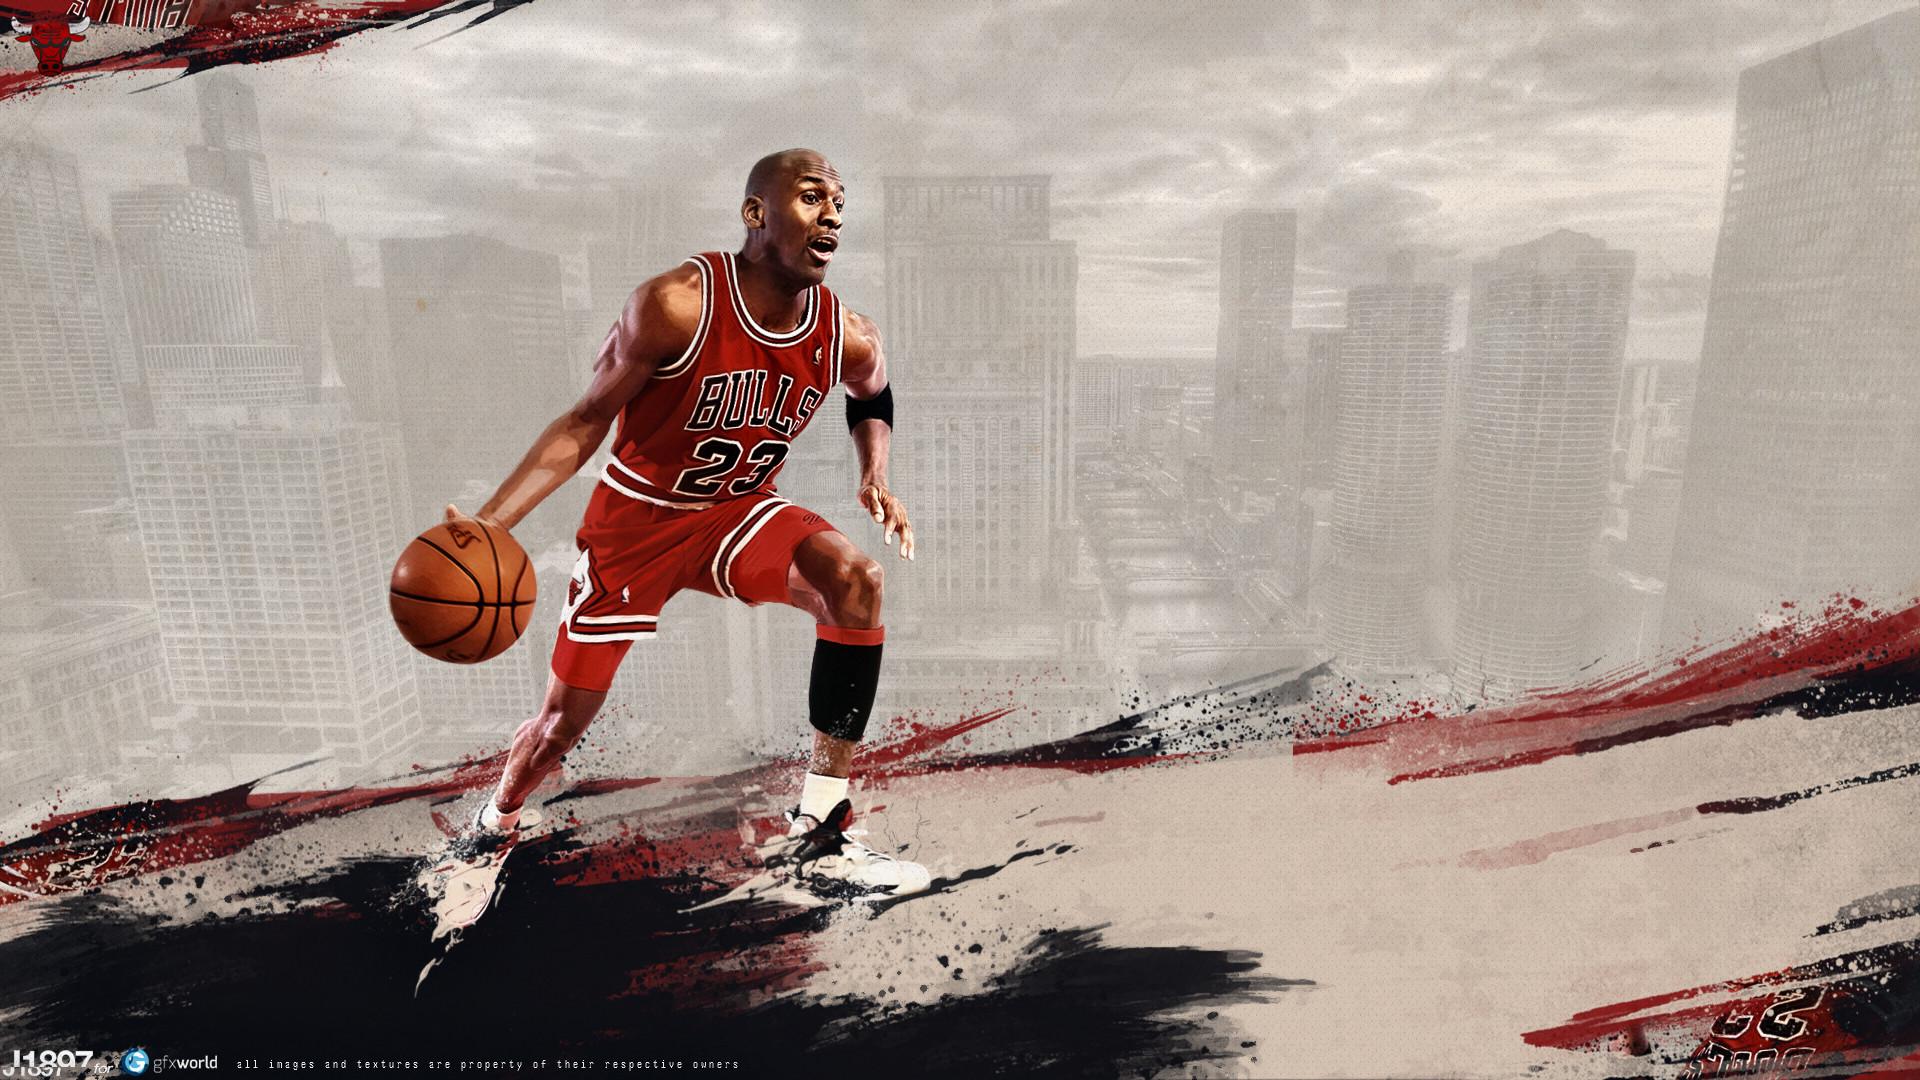 1920x1200 Michael Jordan Wallpapers – Top 354 Michael Jordan Wallpapers for mobile and desktop